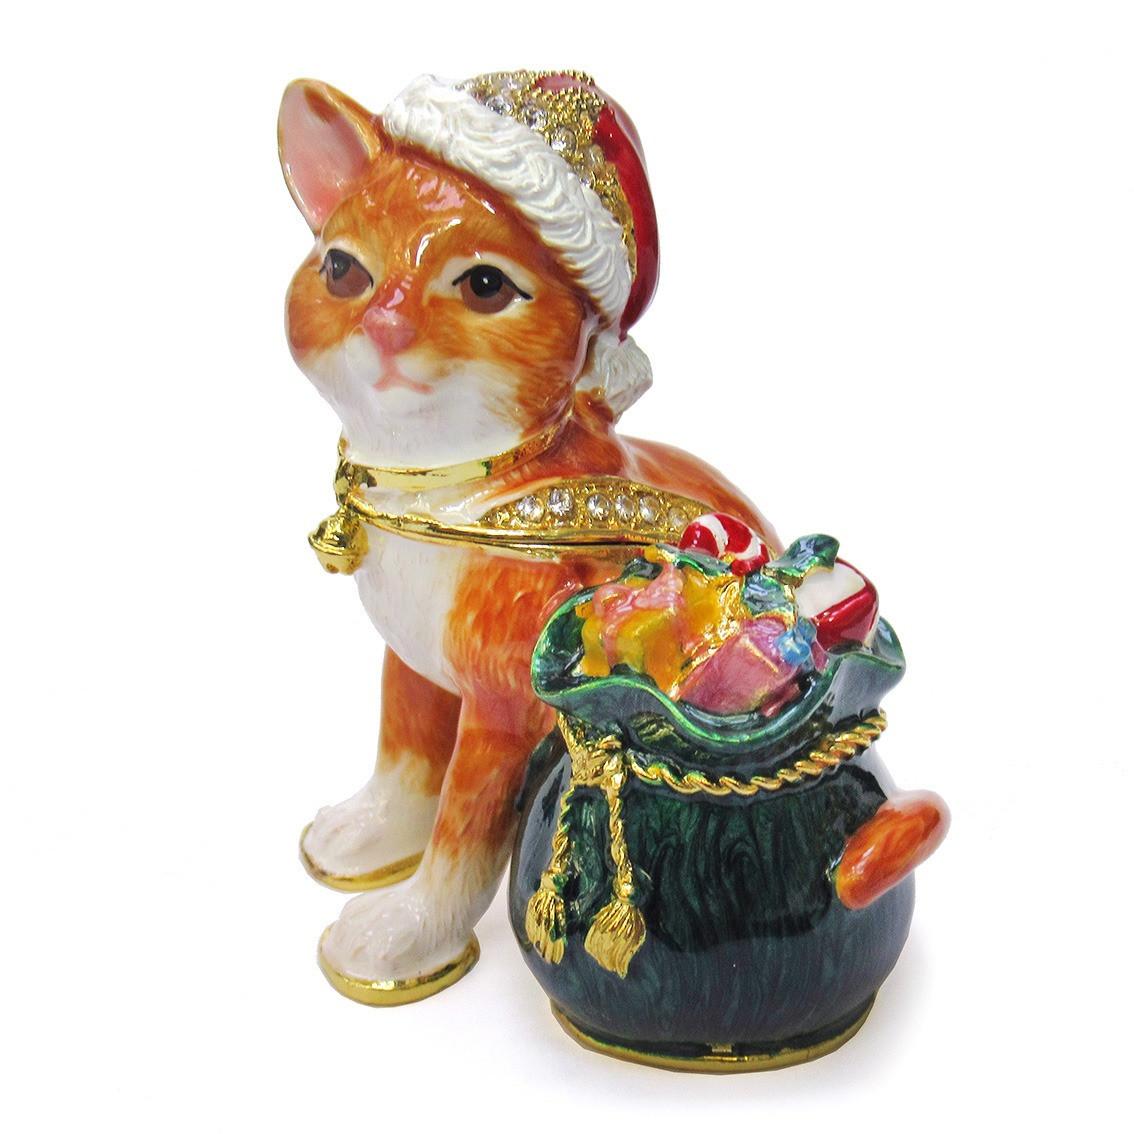 Шкатулка фигурка металлическая на магните Кот с мешком подарков